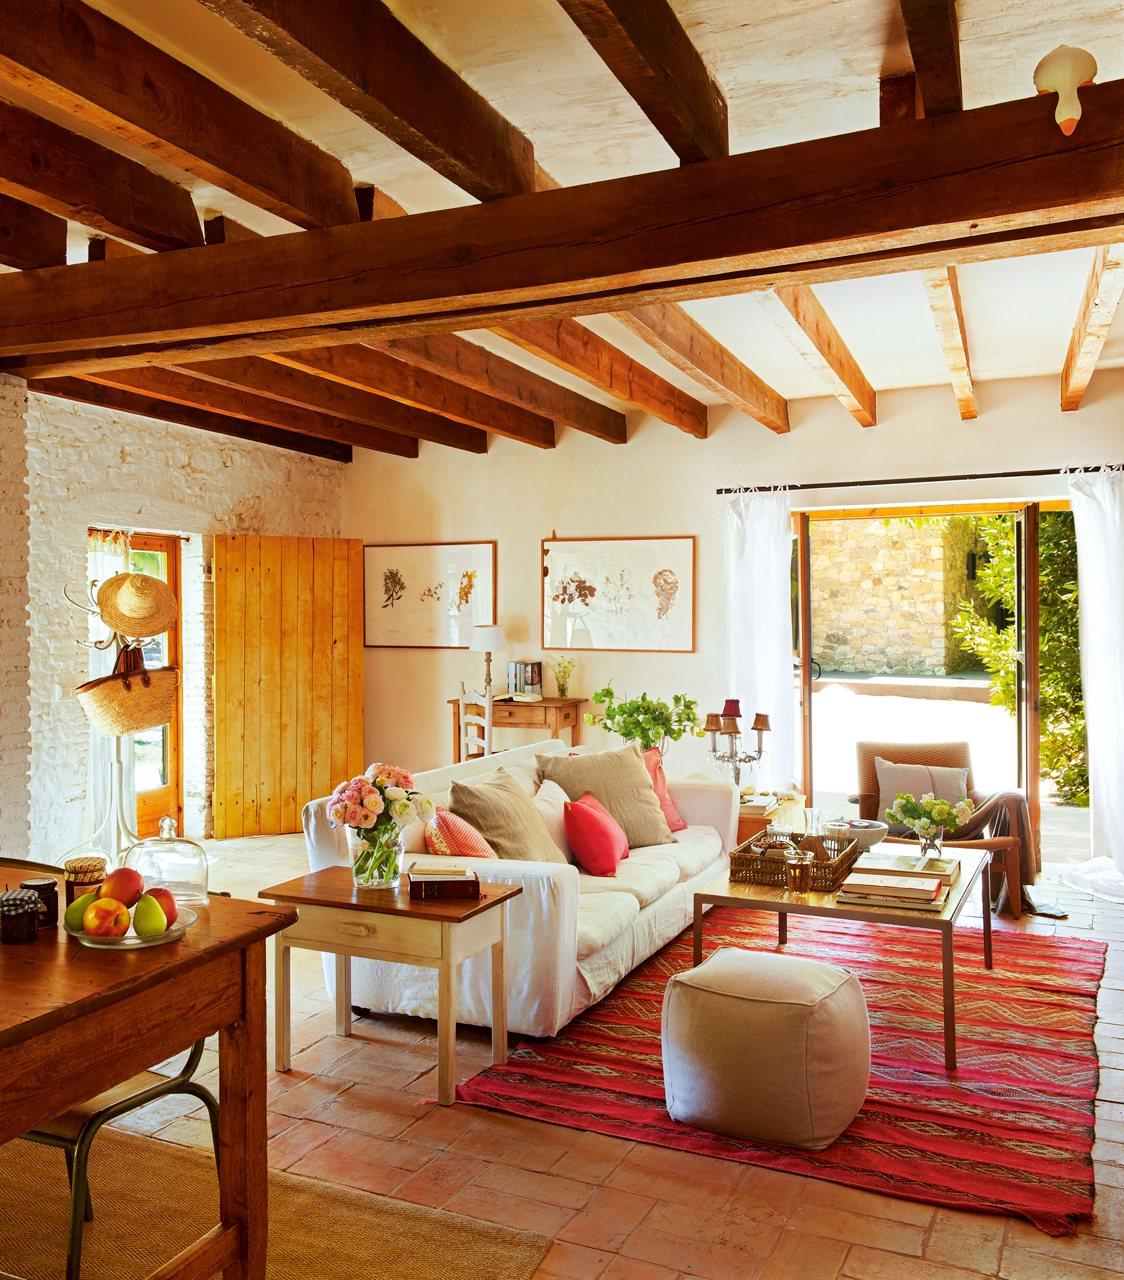 Un granero transformado en una casa rústica